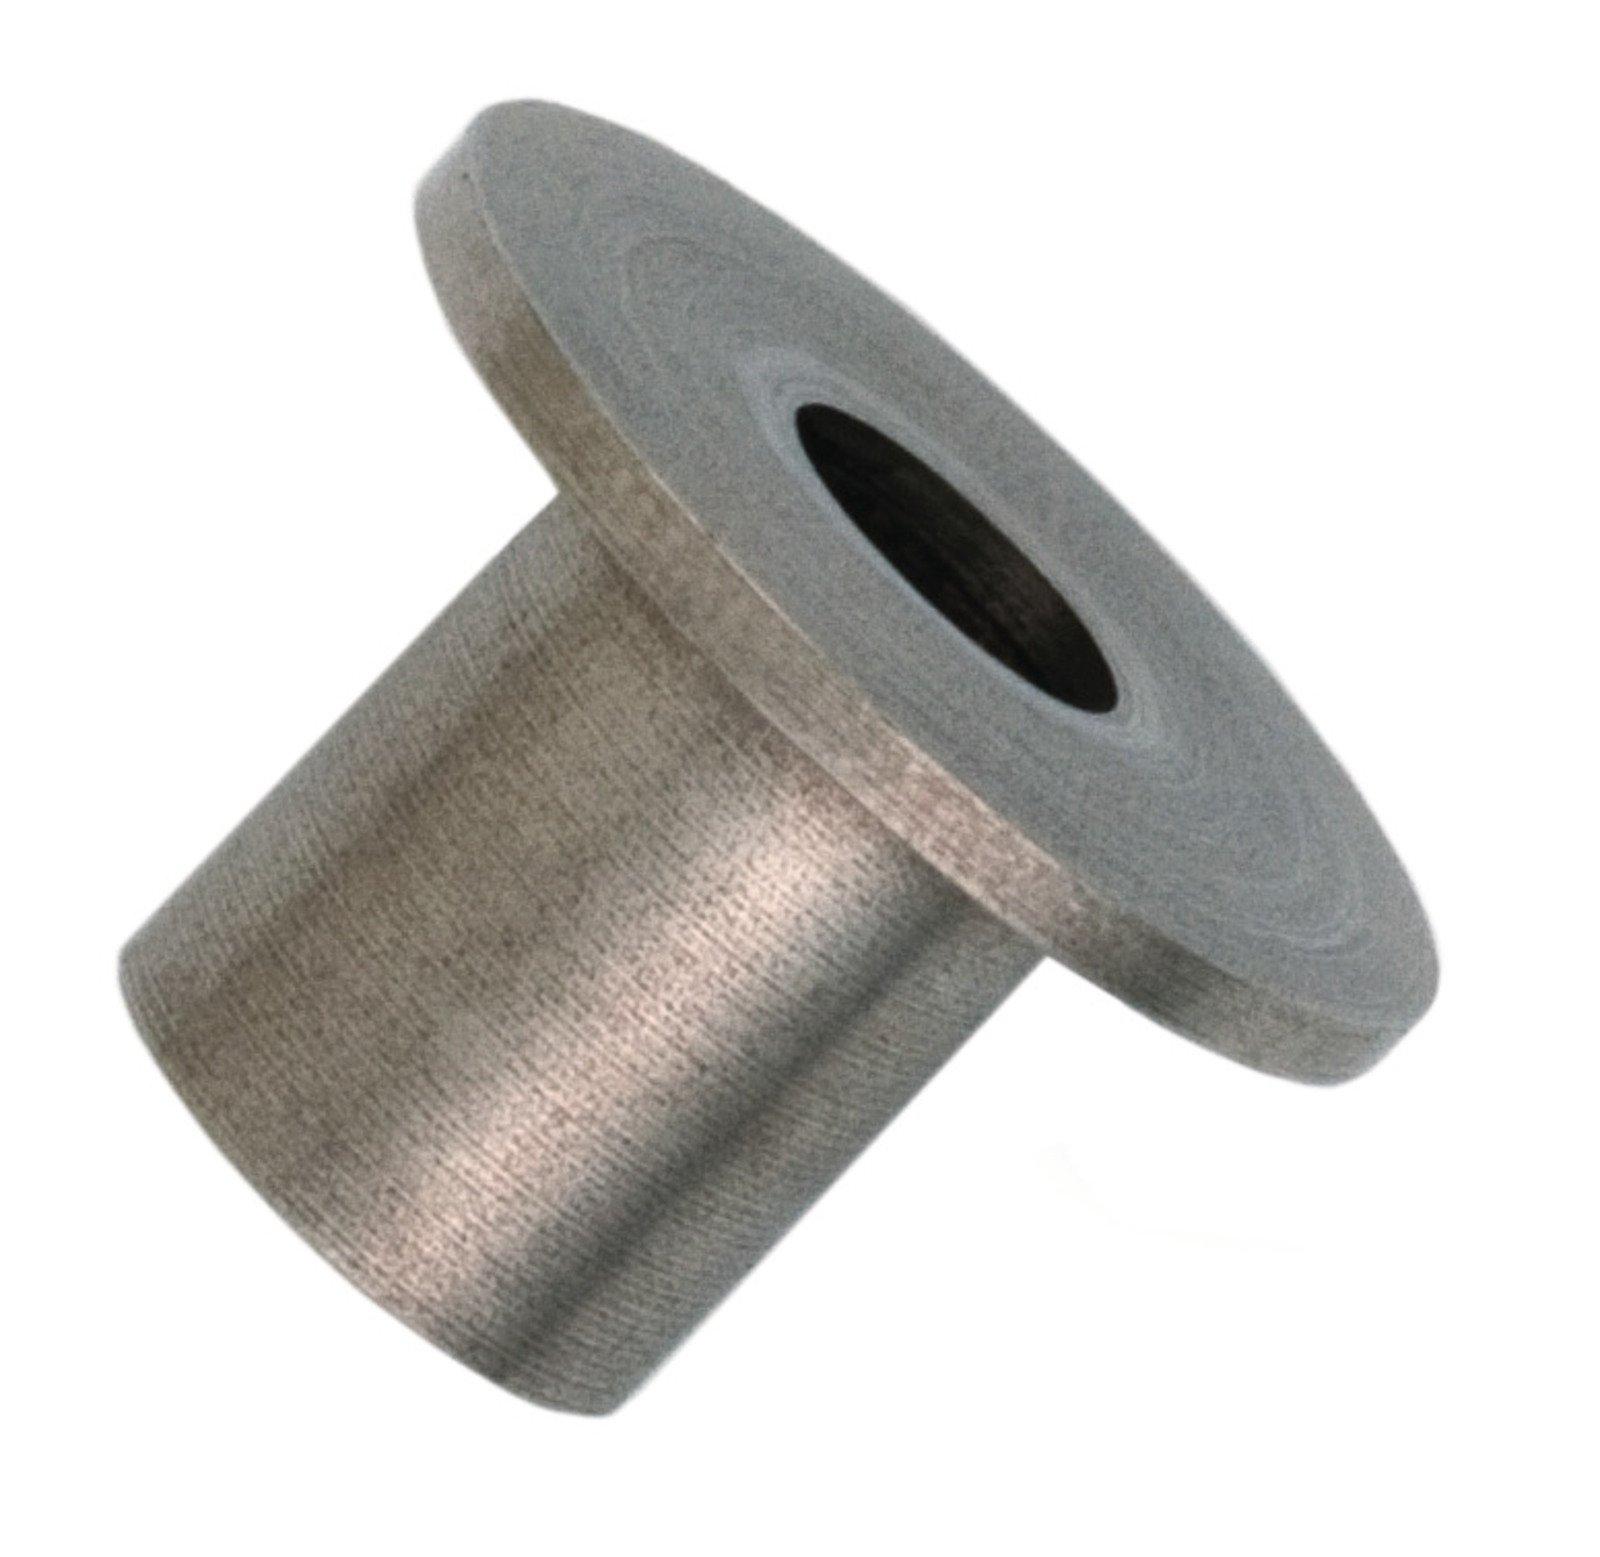 Stainless Steel Collar Bushing  For Yamaha SR400 SR500 TT500 XT500  29-125